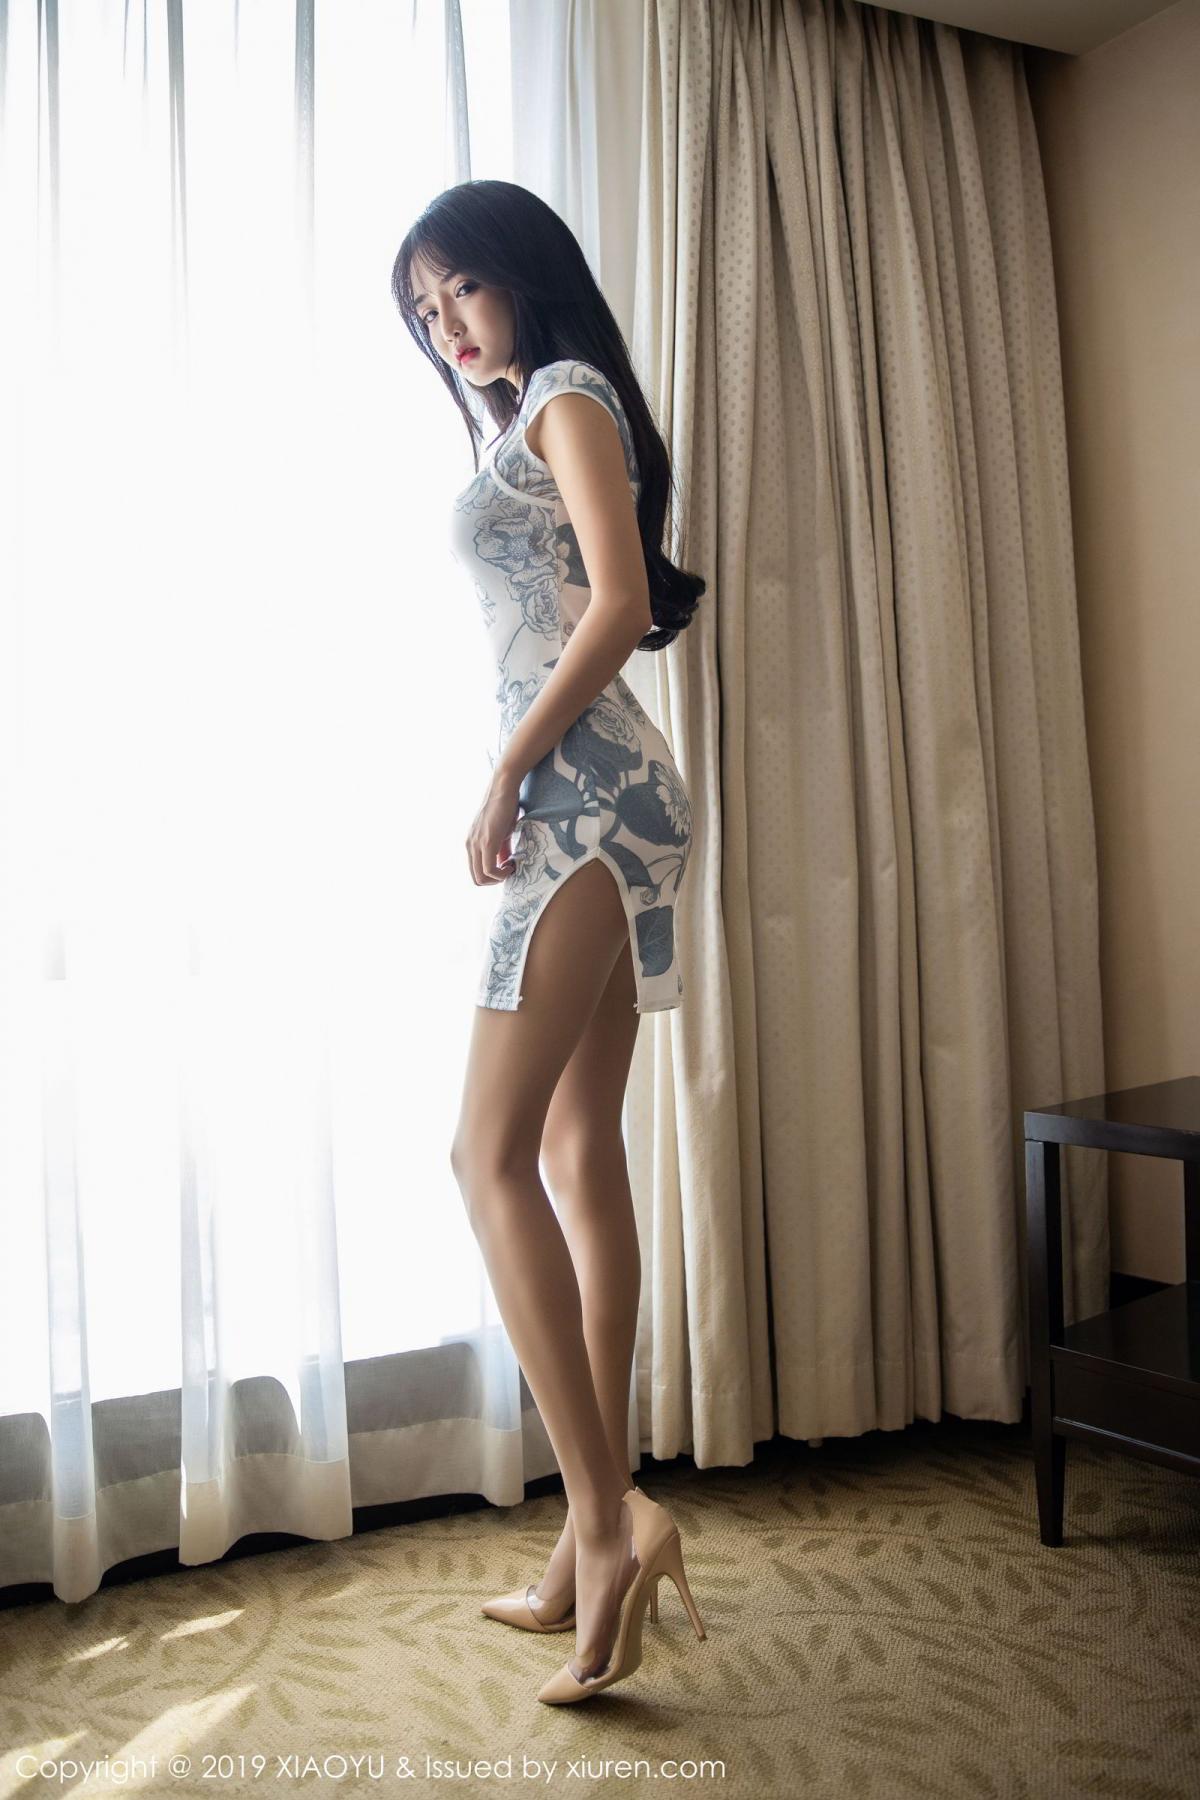 [XiaoYu] Vol.200 Miko Jiang 36P, Miko Jiang, Slim, Tall, Underwear, XiaoYu